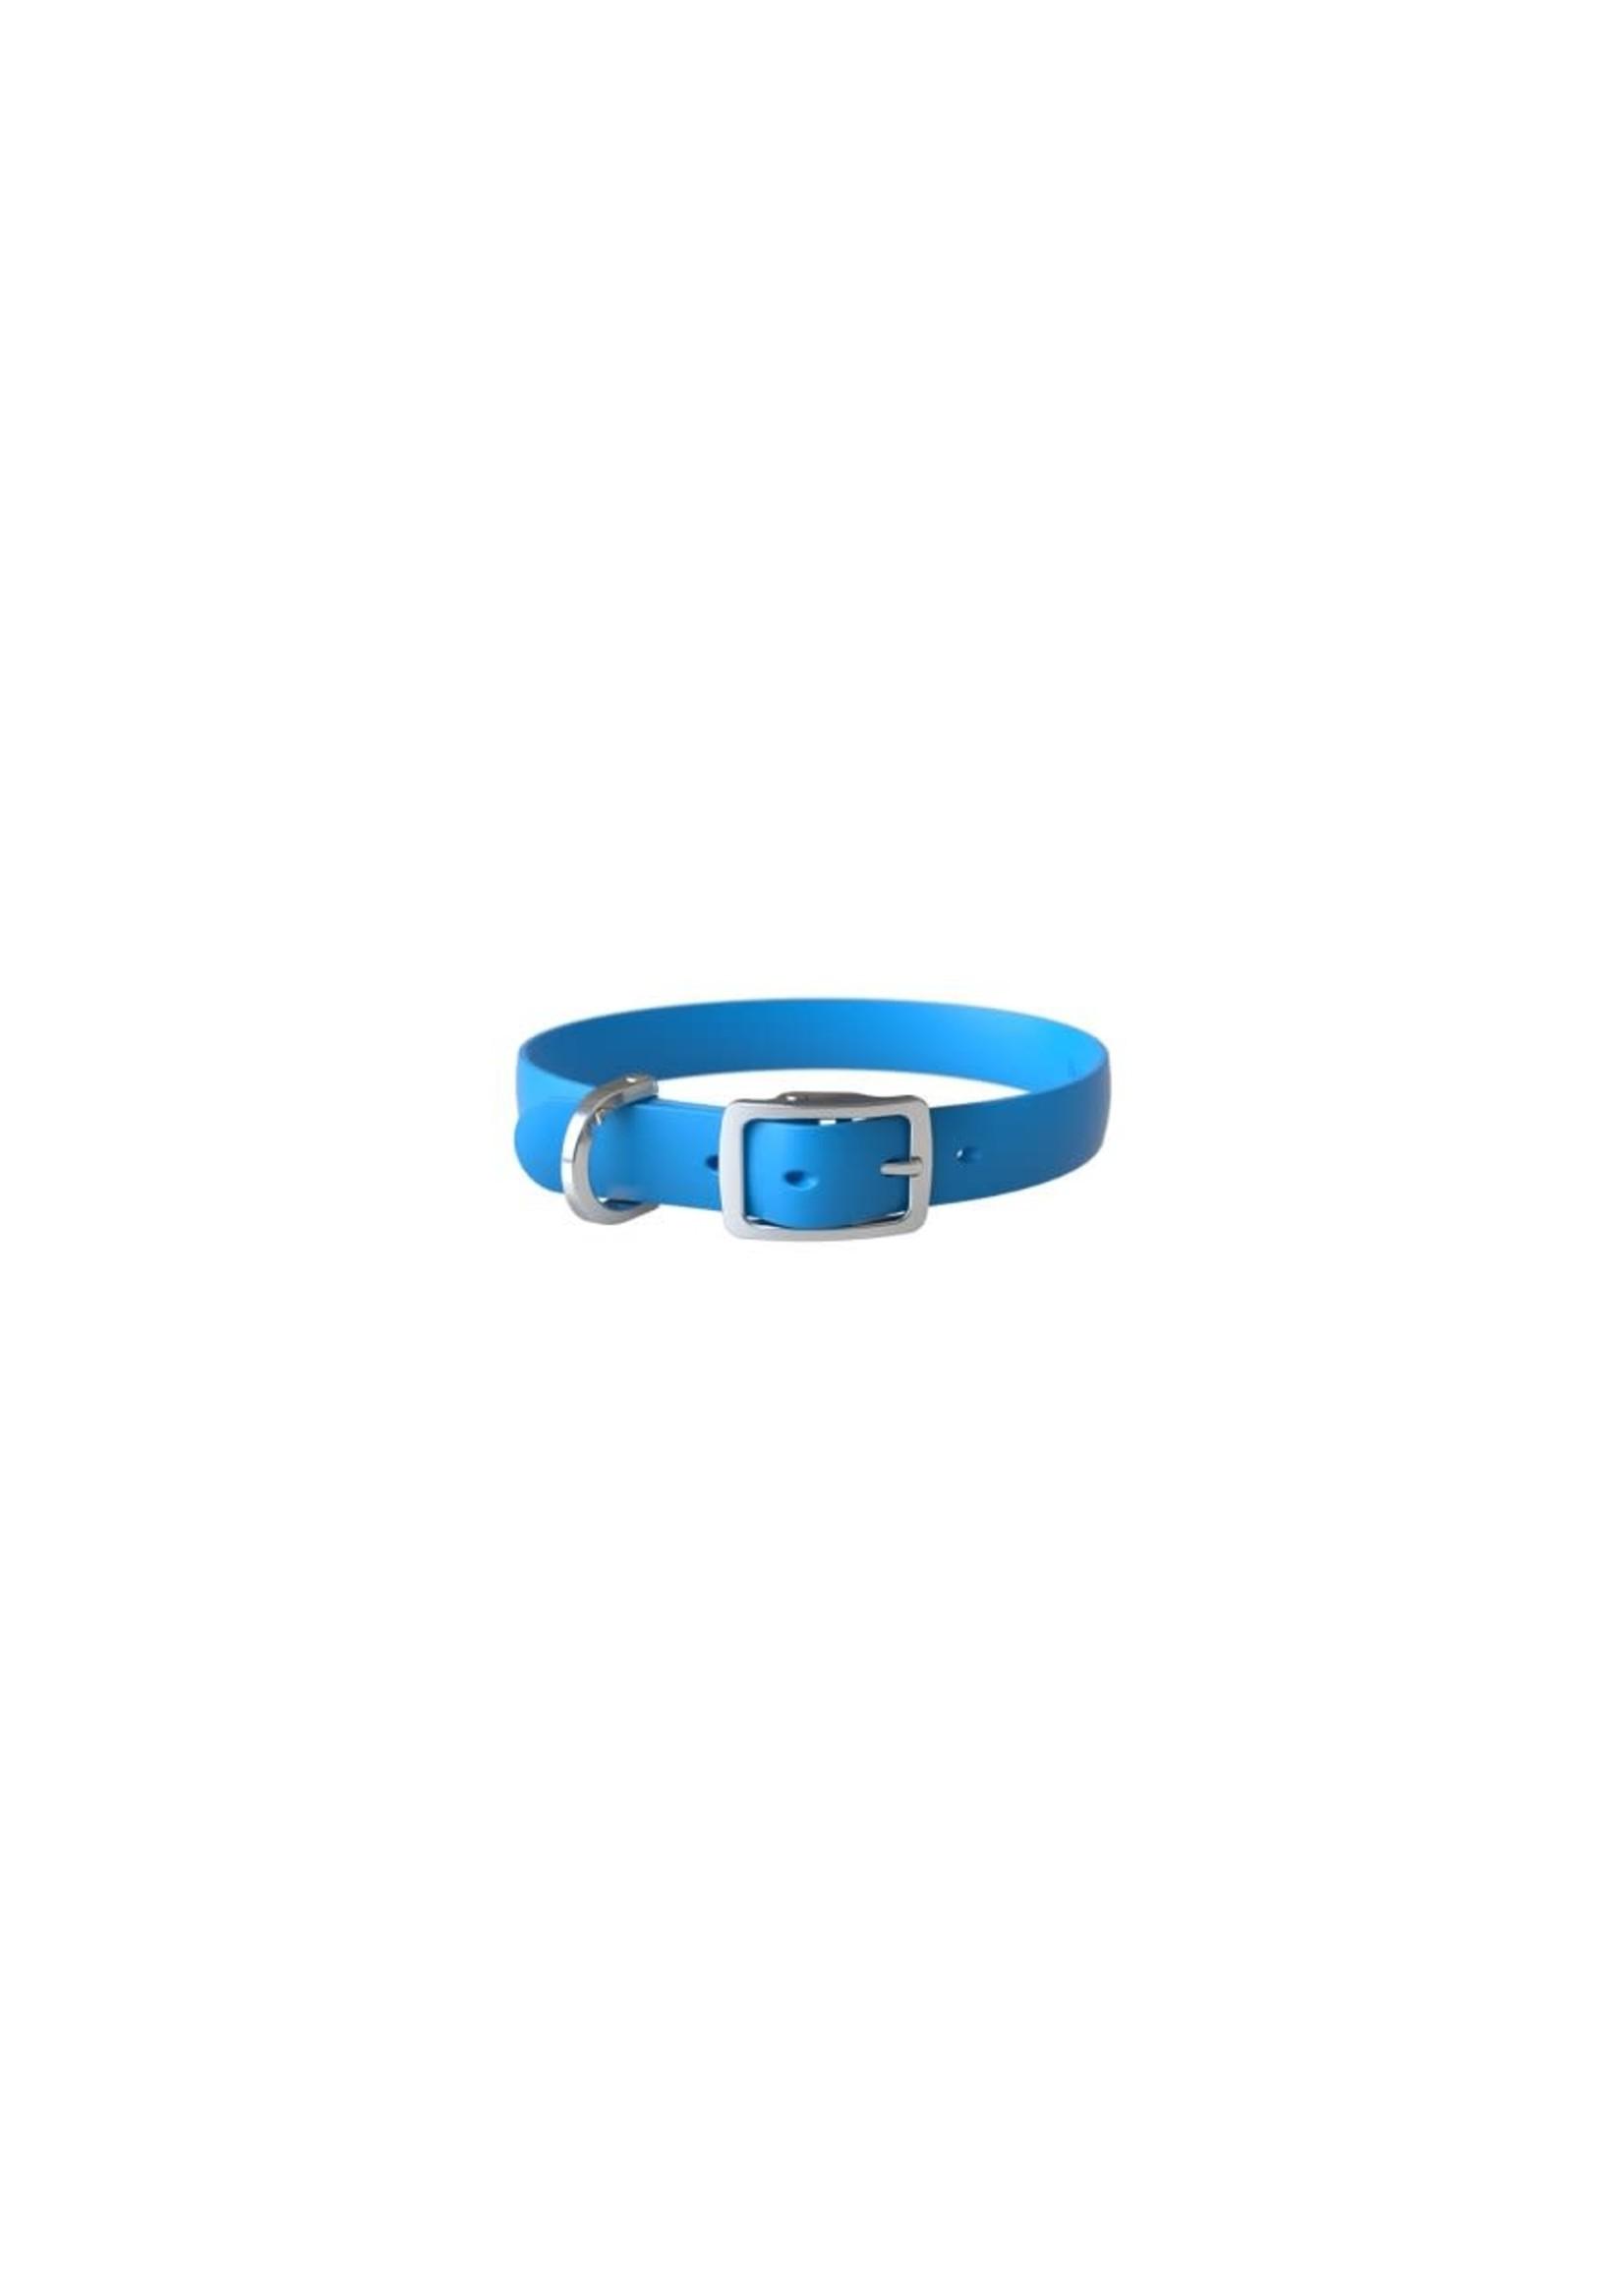 Bond pet Collier couleur bleuet grand